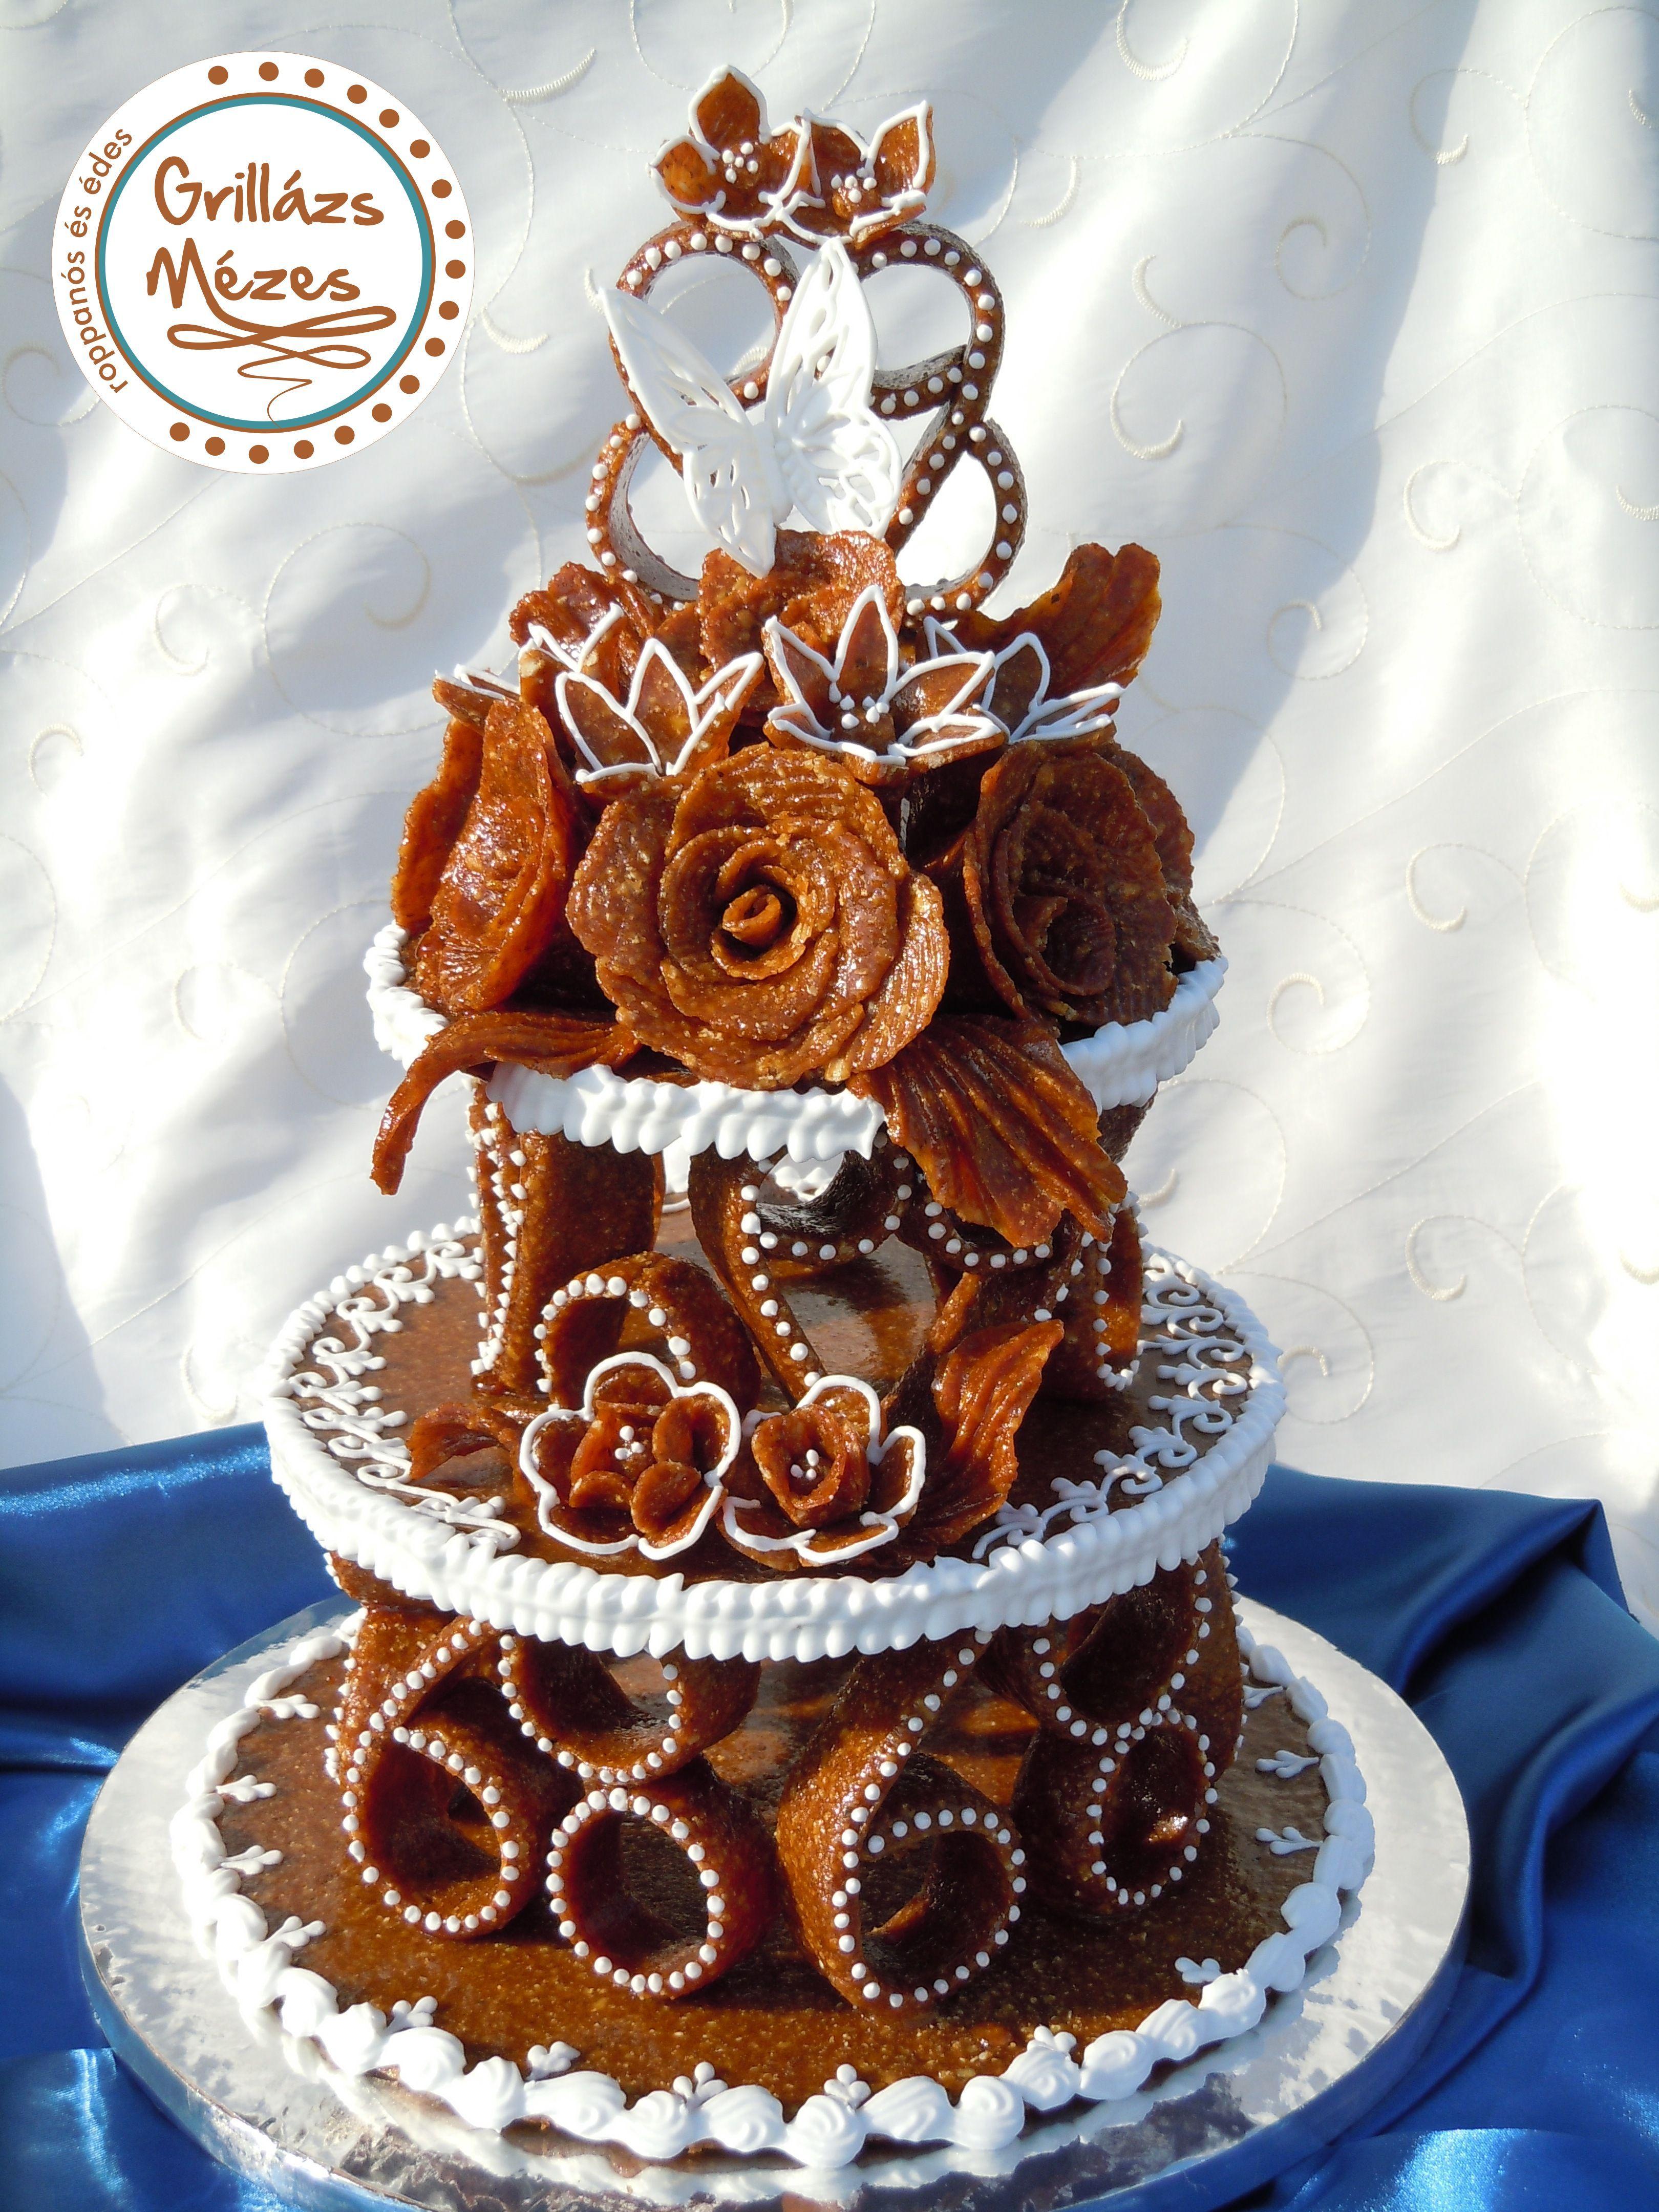 pillangós torta képek Pillangós, emeletes torta | Grillázstorták esküvőre | Pinterest  pillangós torta képek